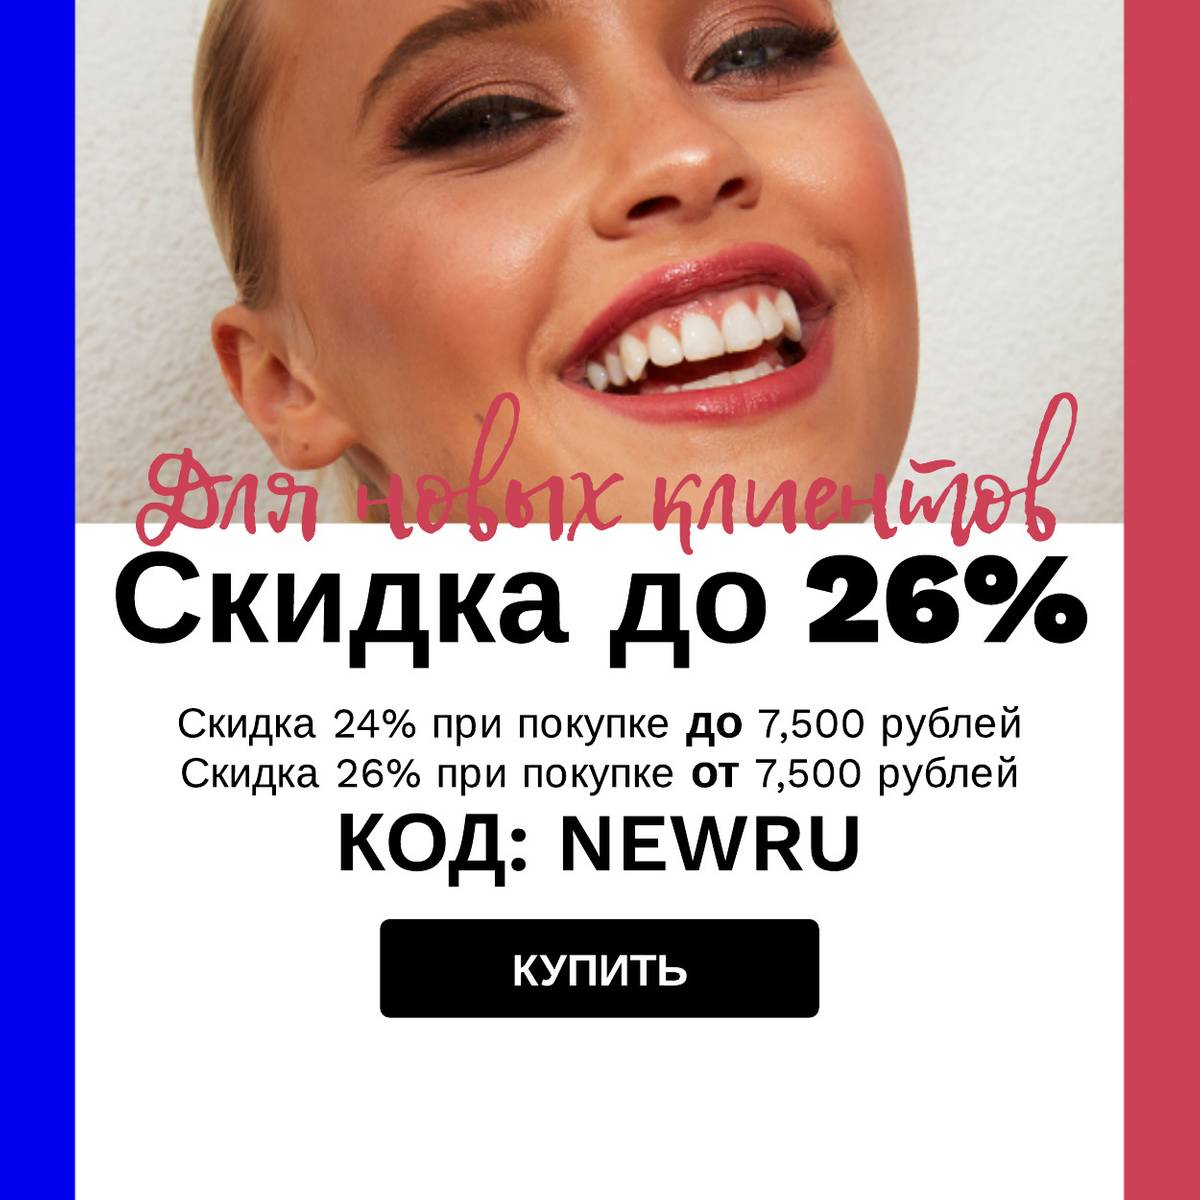 NEE RU NC 25% OFF